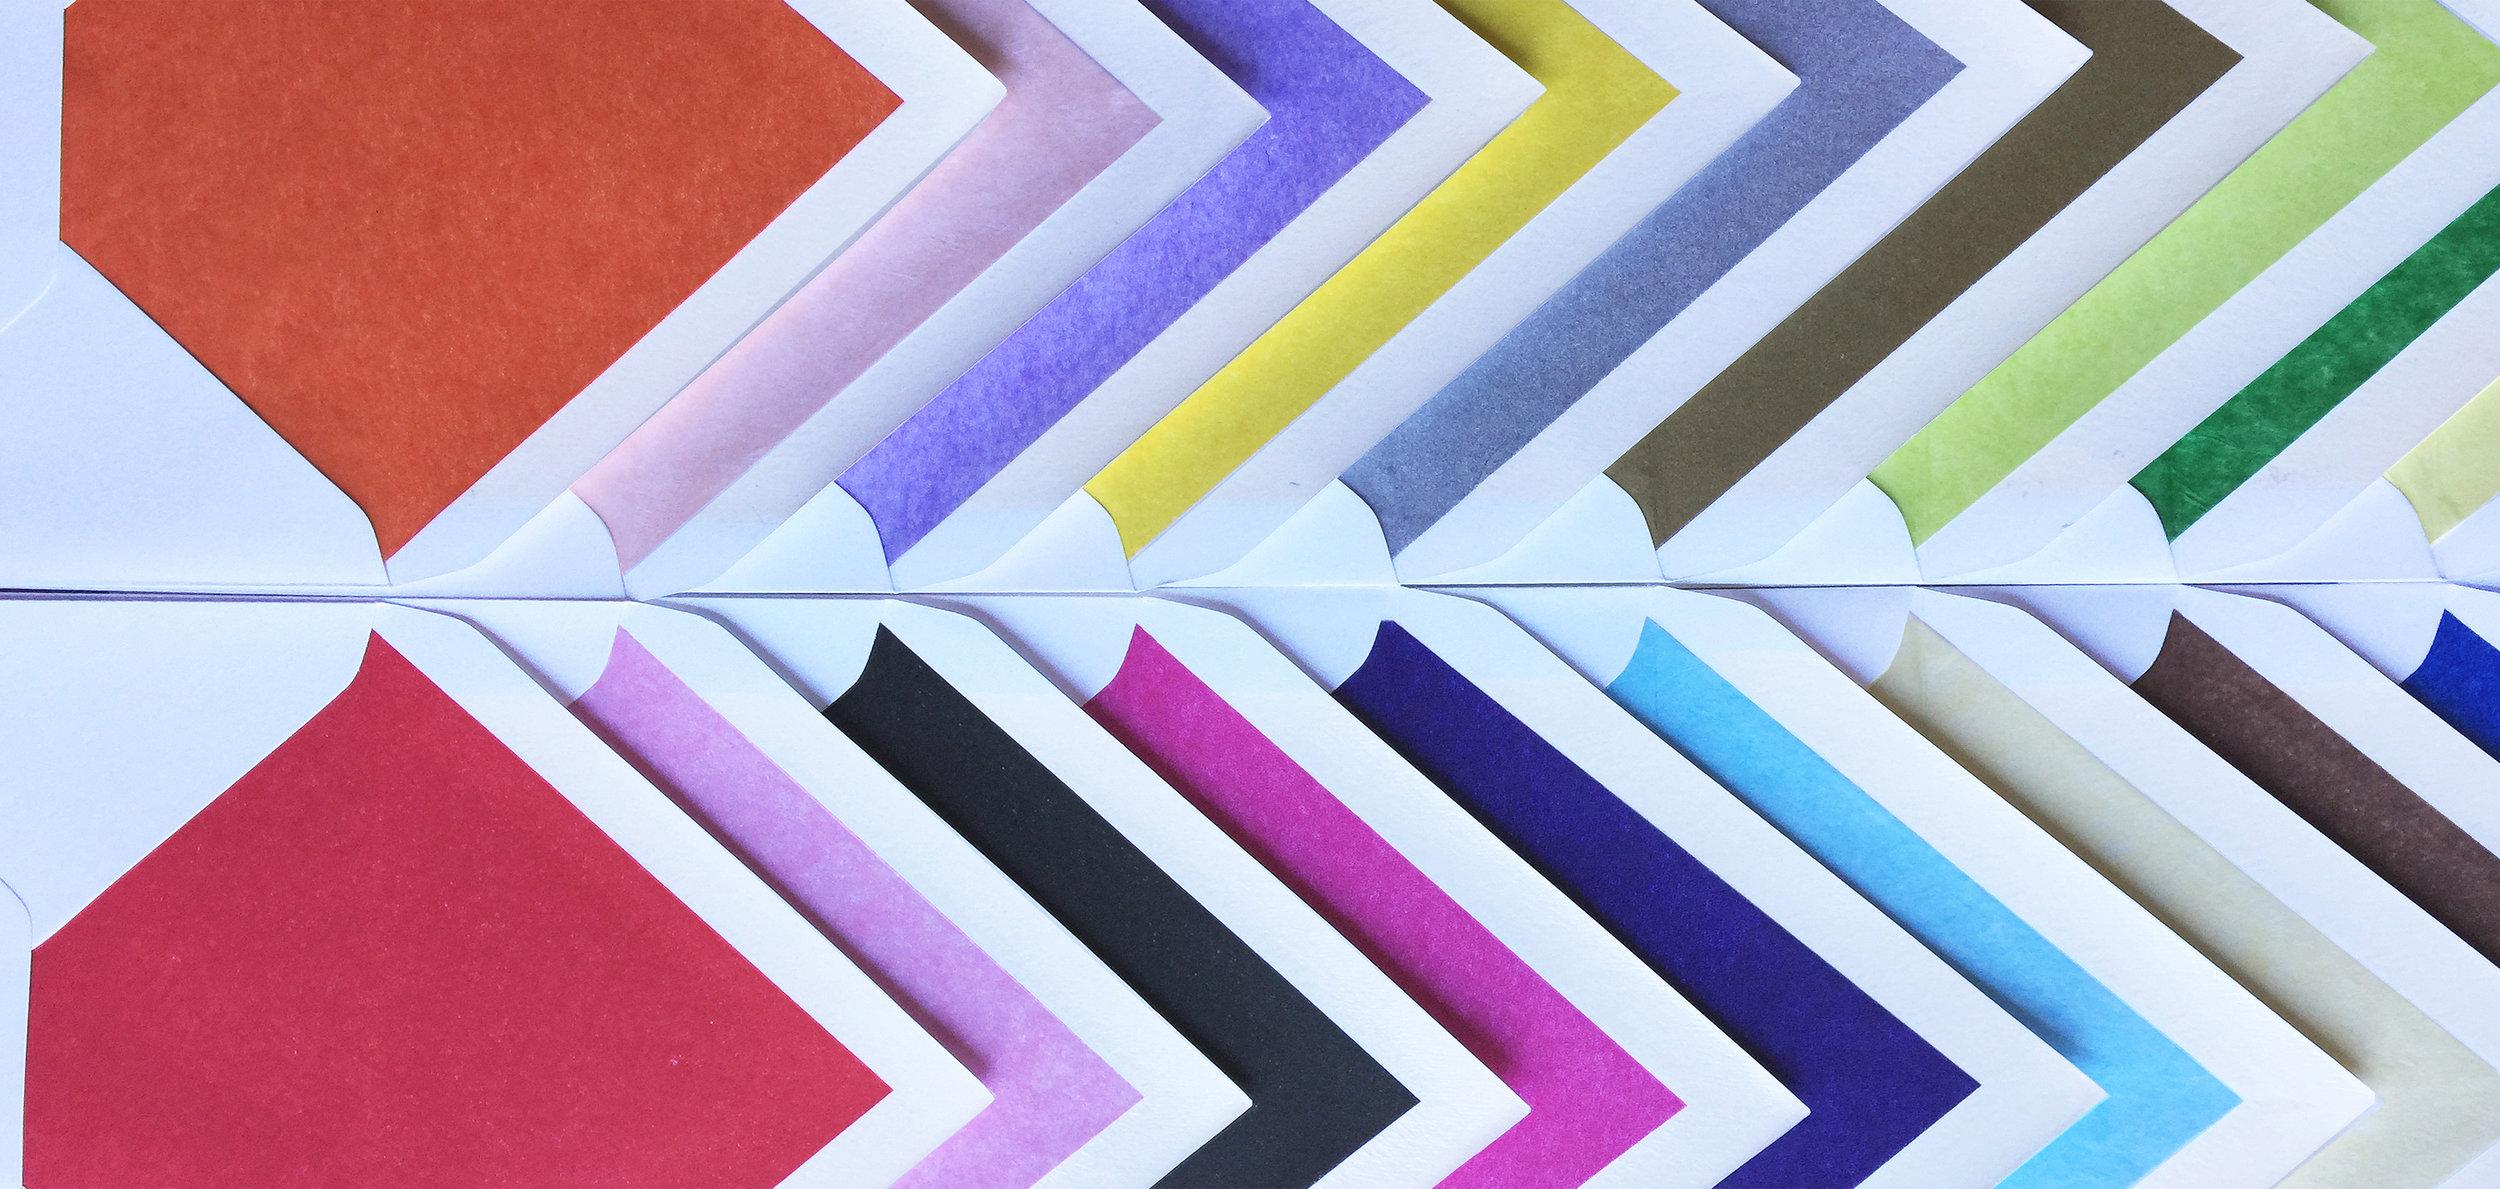 Envelope Linings Image2.jpg